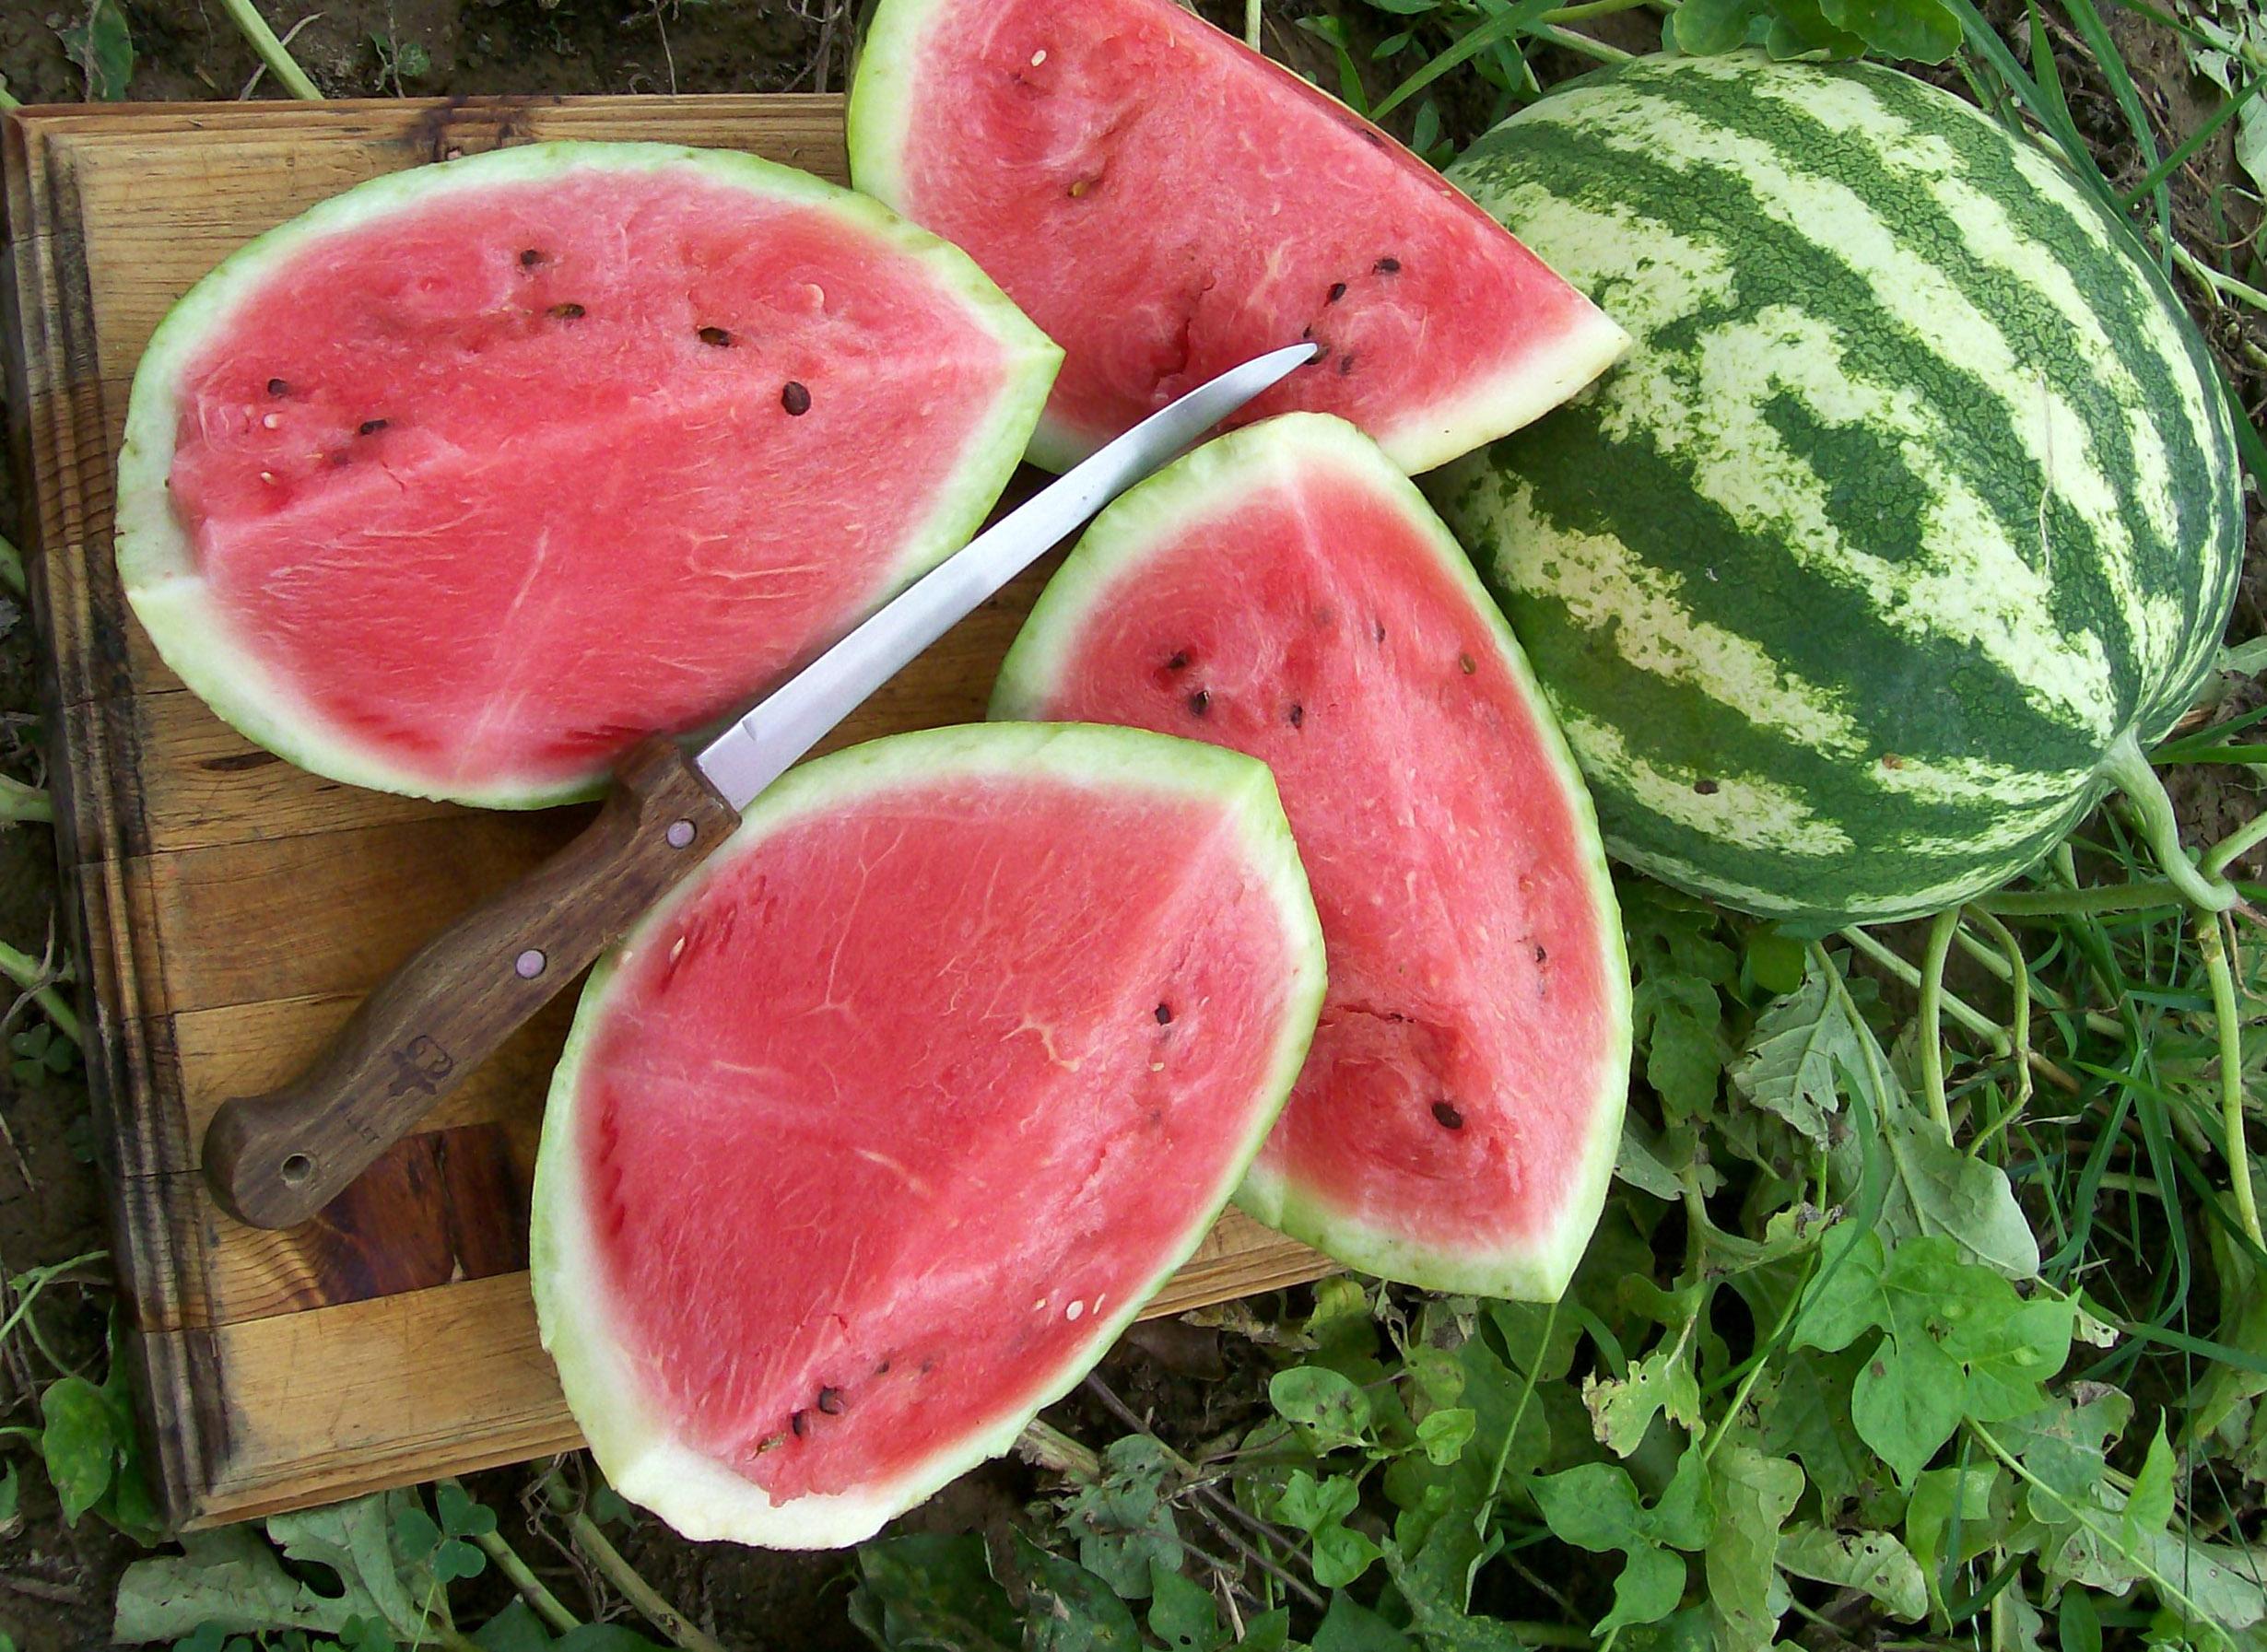 لم یک هندوانه شیرین و نگهداری طولانیمدت آن!